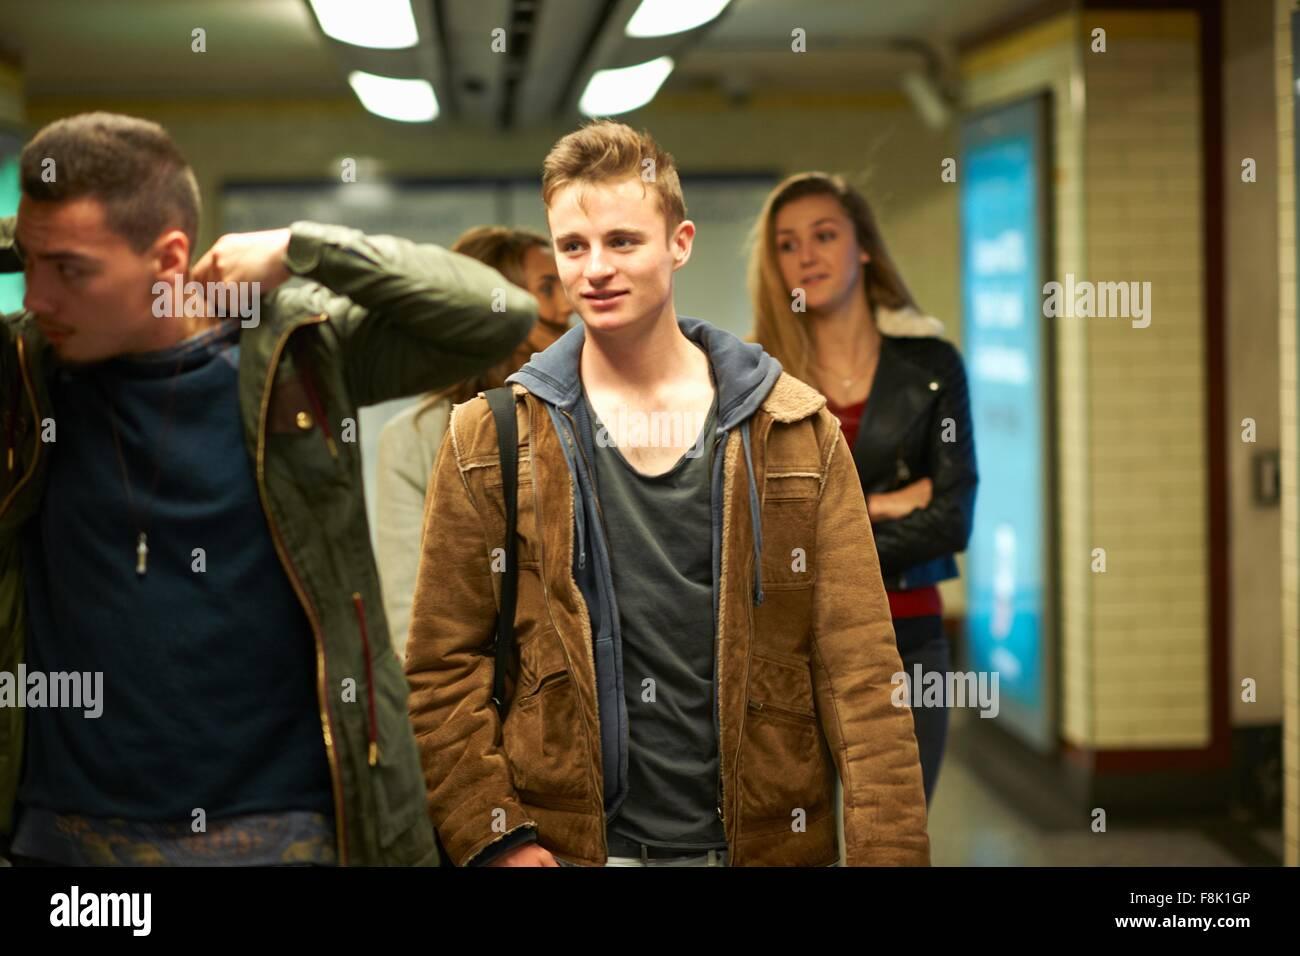 Quatro adultos jovens amigos a pé através da estação de metro de London, Londres, Reino Unido Foto de Stock